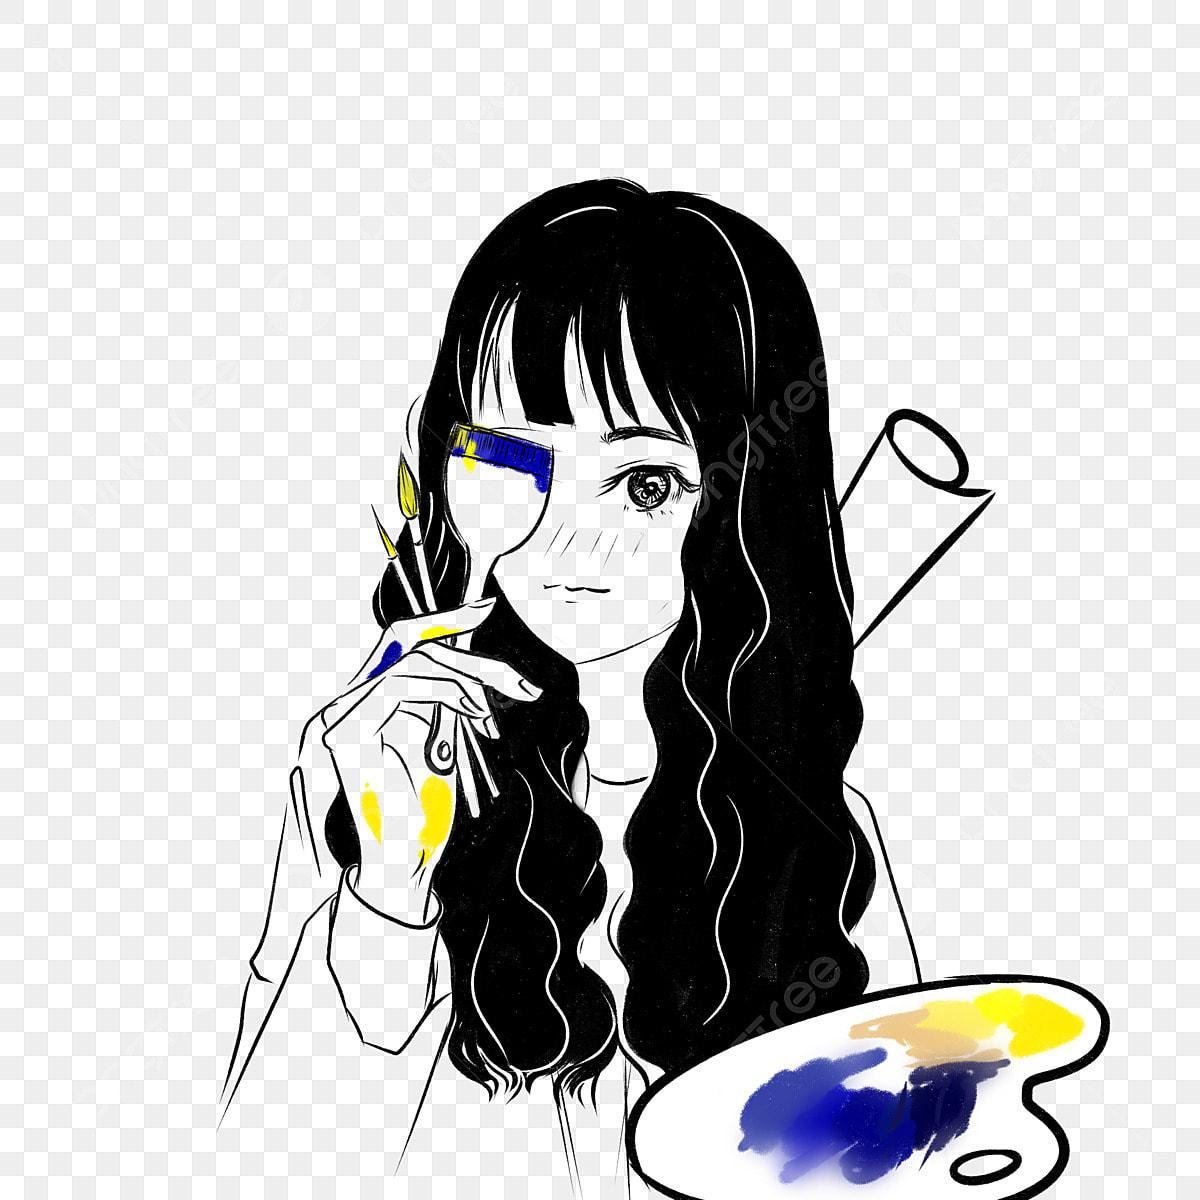 Character Art Student Avatar Palette Brush Girl Black And White